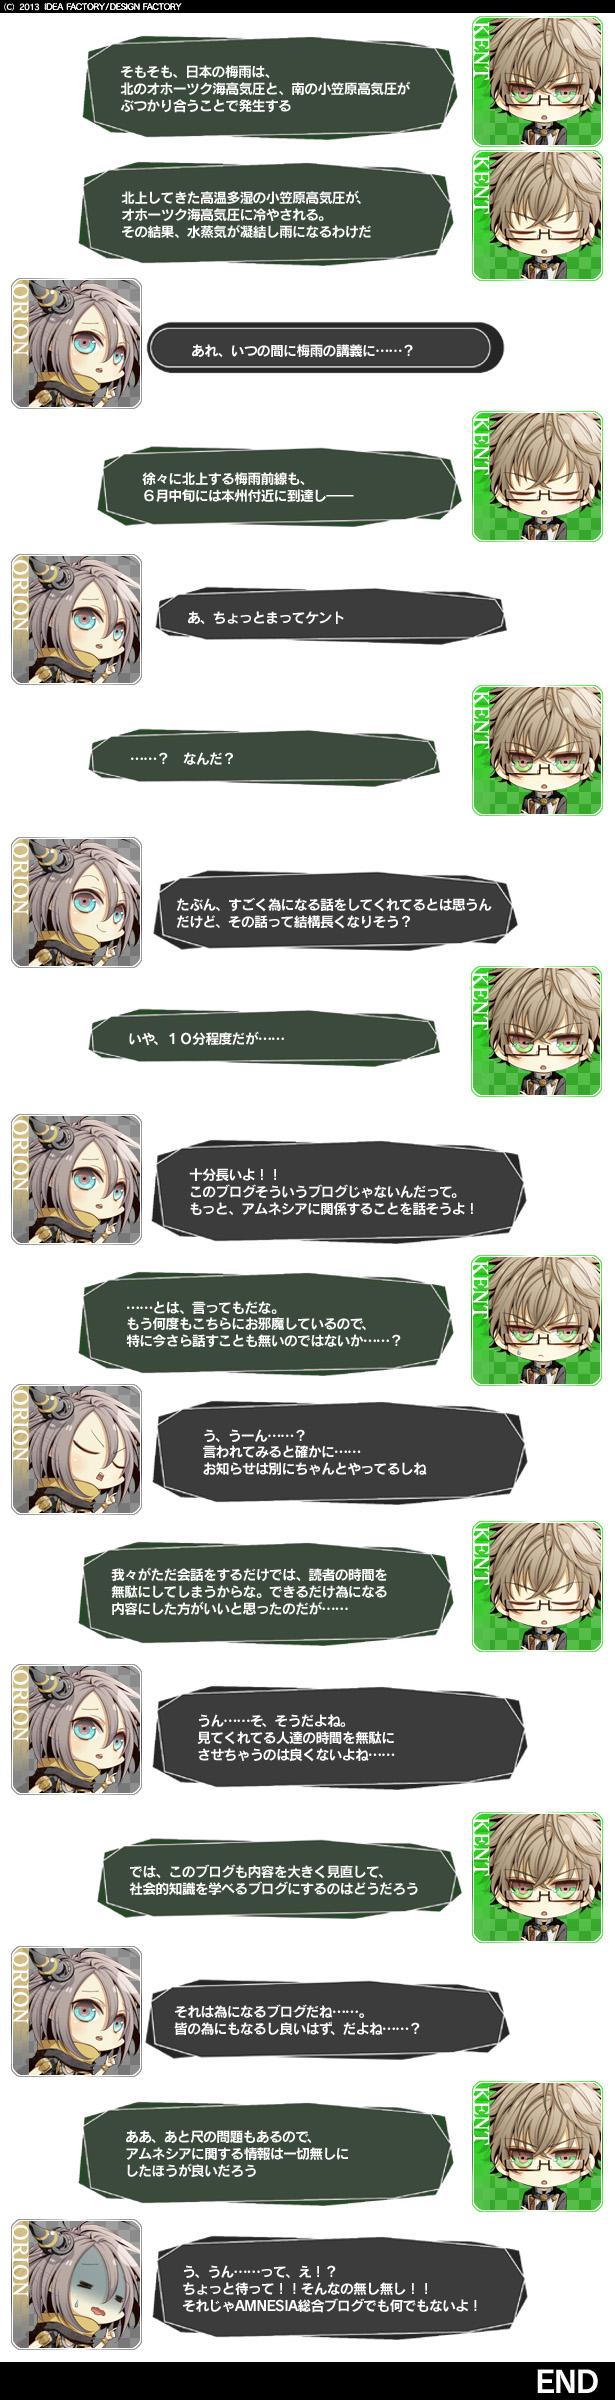 0528キャラ会話2.jpg